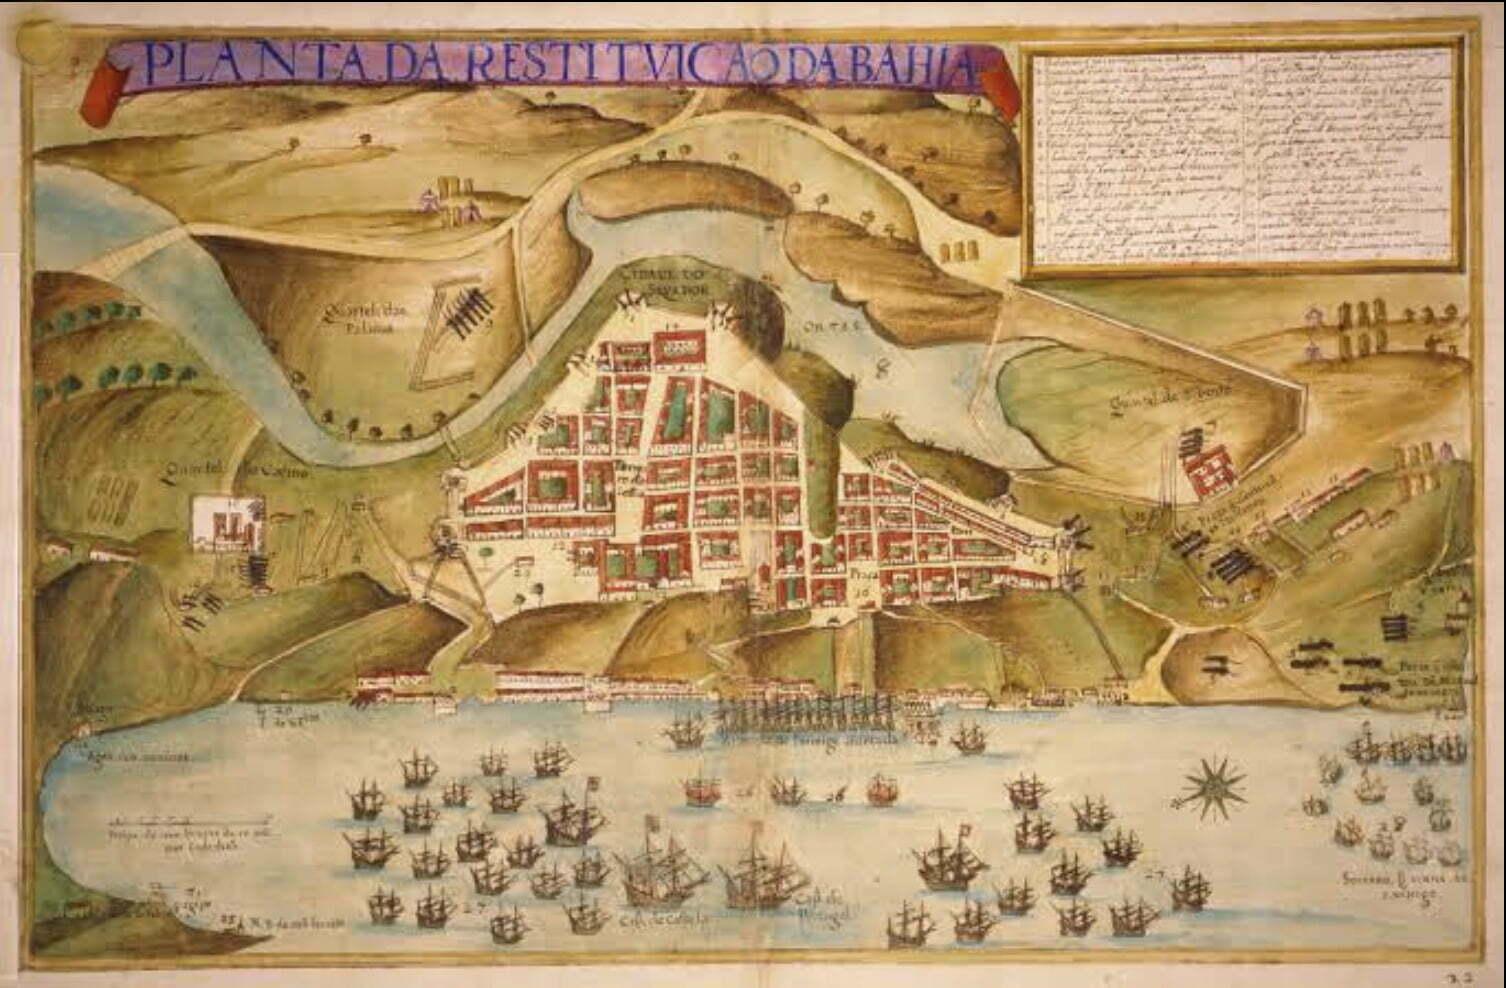 mapa de Salvador e a chegada dos holandeses em 1625